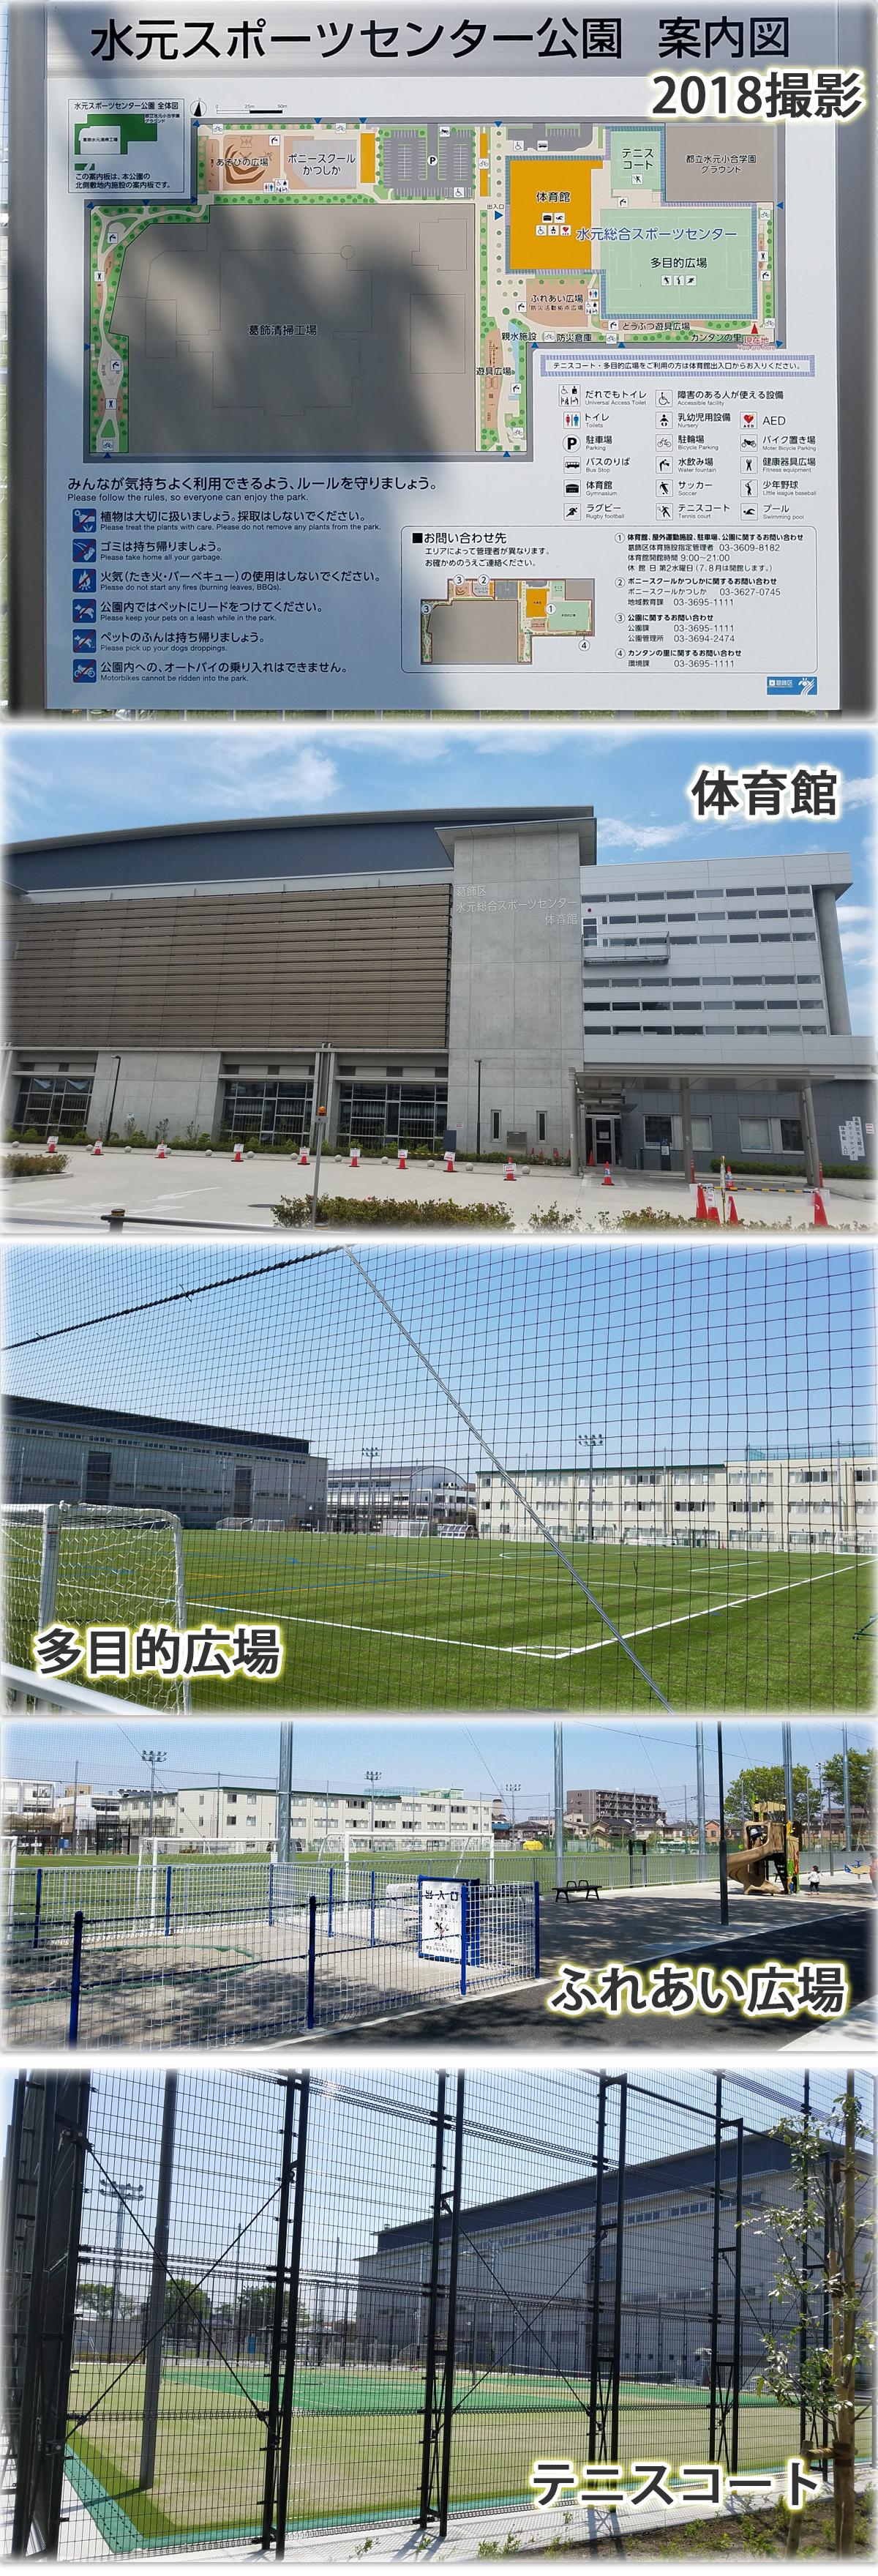 区立水元総合スポーツセンター体育館温水プール